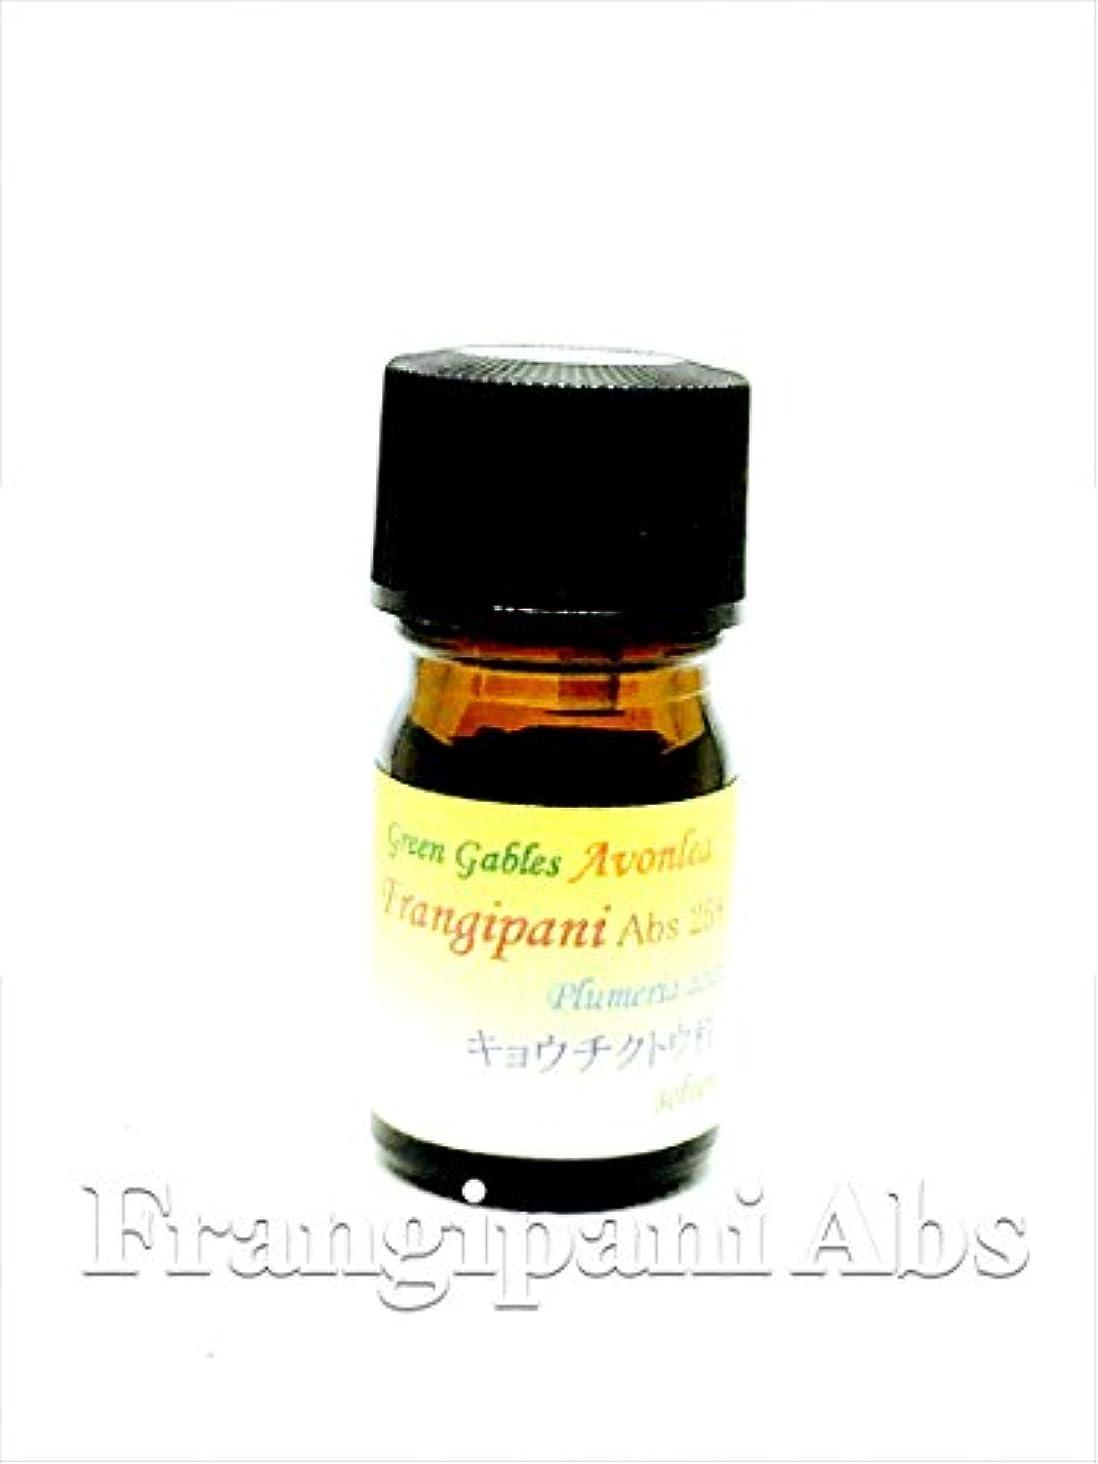 ホームマエストロ定義するフランジュパ二Abs ピュアエッセンシャルオイル精油 (プルメリアAbs) (30ml)